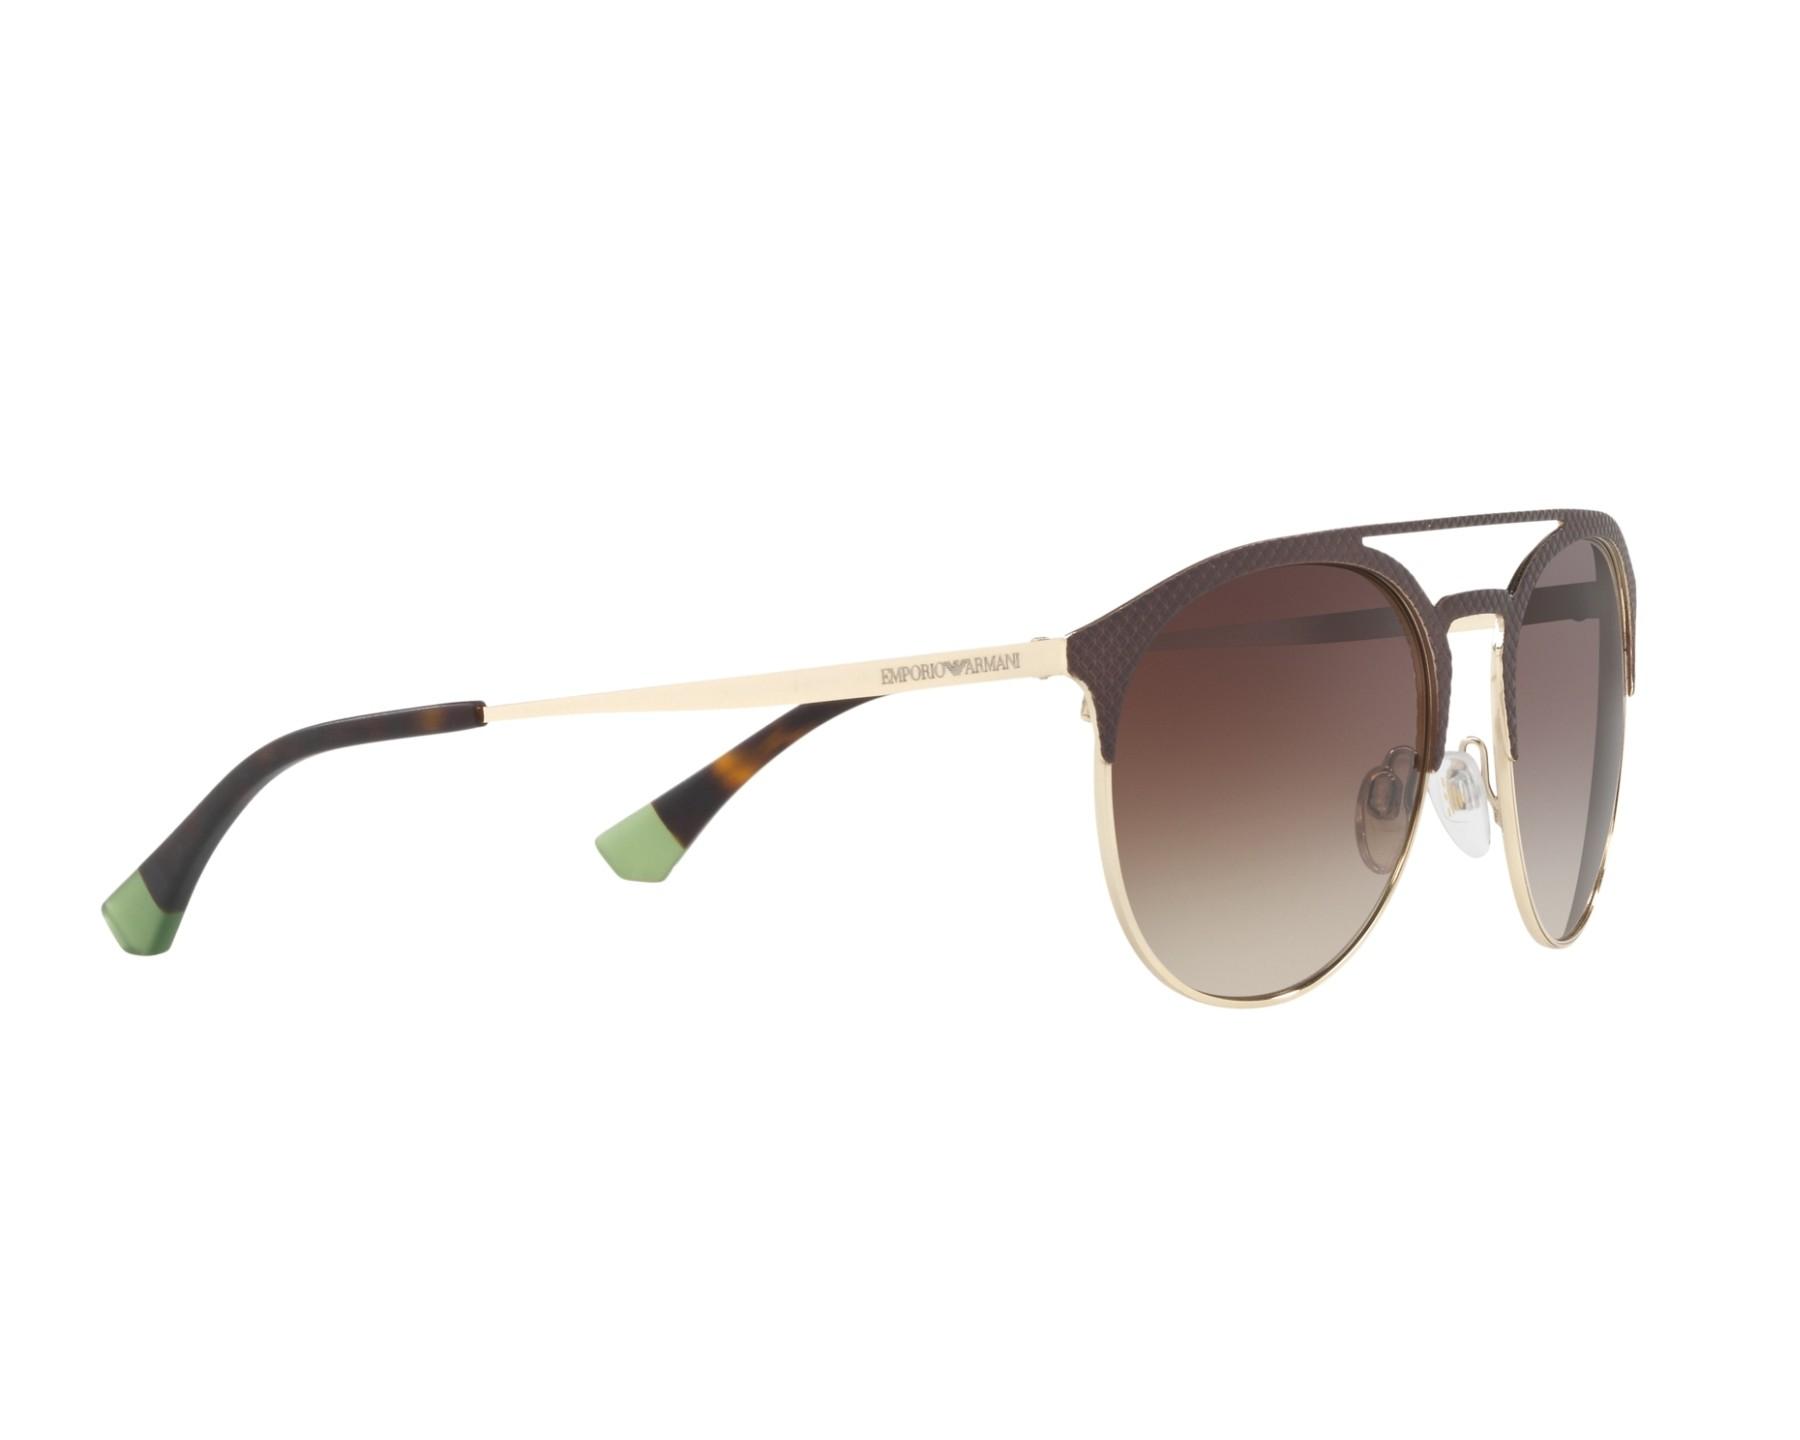 2df708e0a0ad Sunglasses Emporio Armani EA-2052 3182 13 56-19 Brown Gold 360 degree